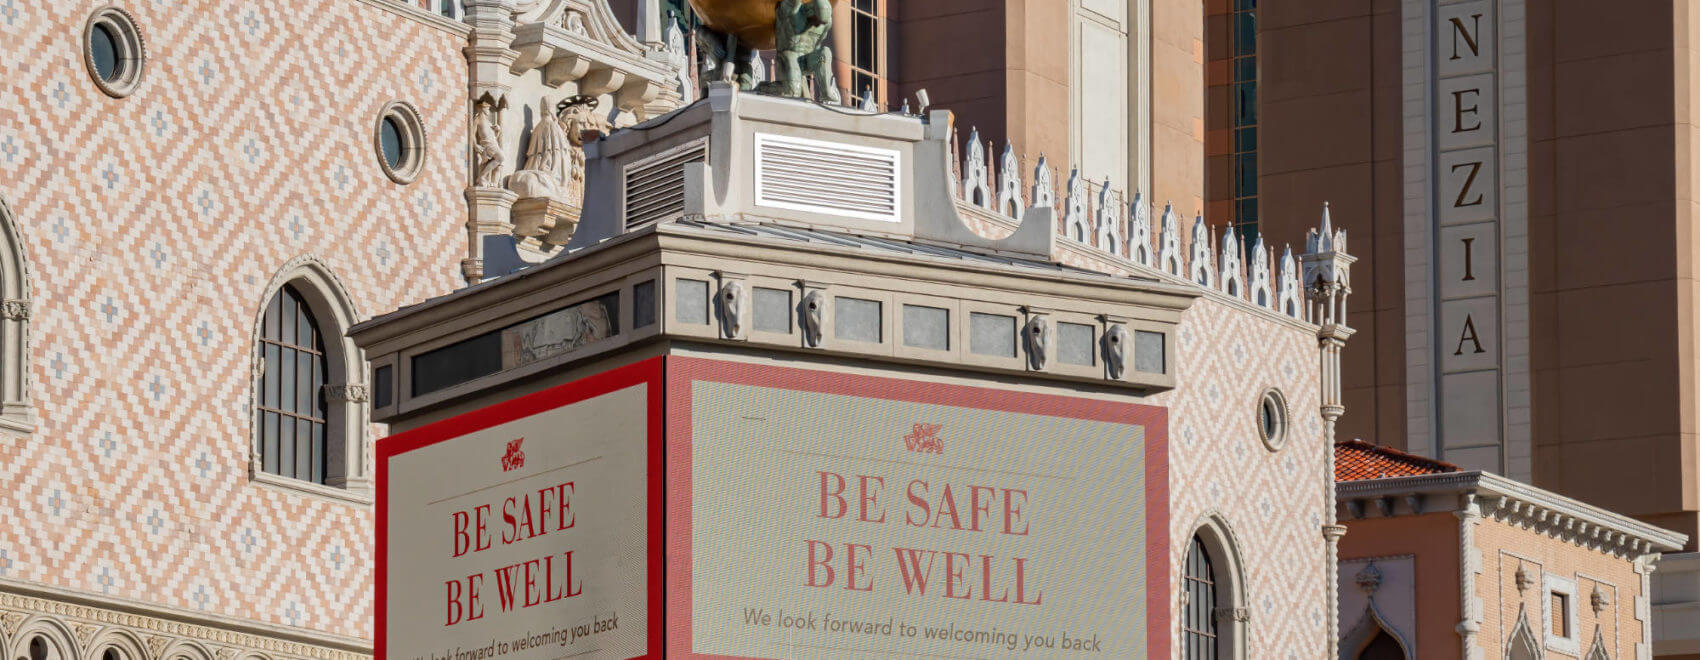 Venetian Casino gesloten tijdens corona crisis